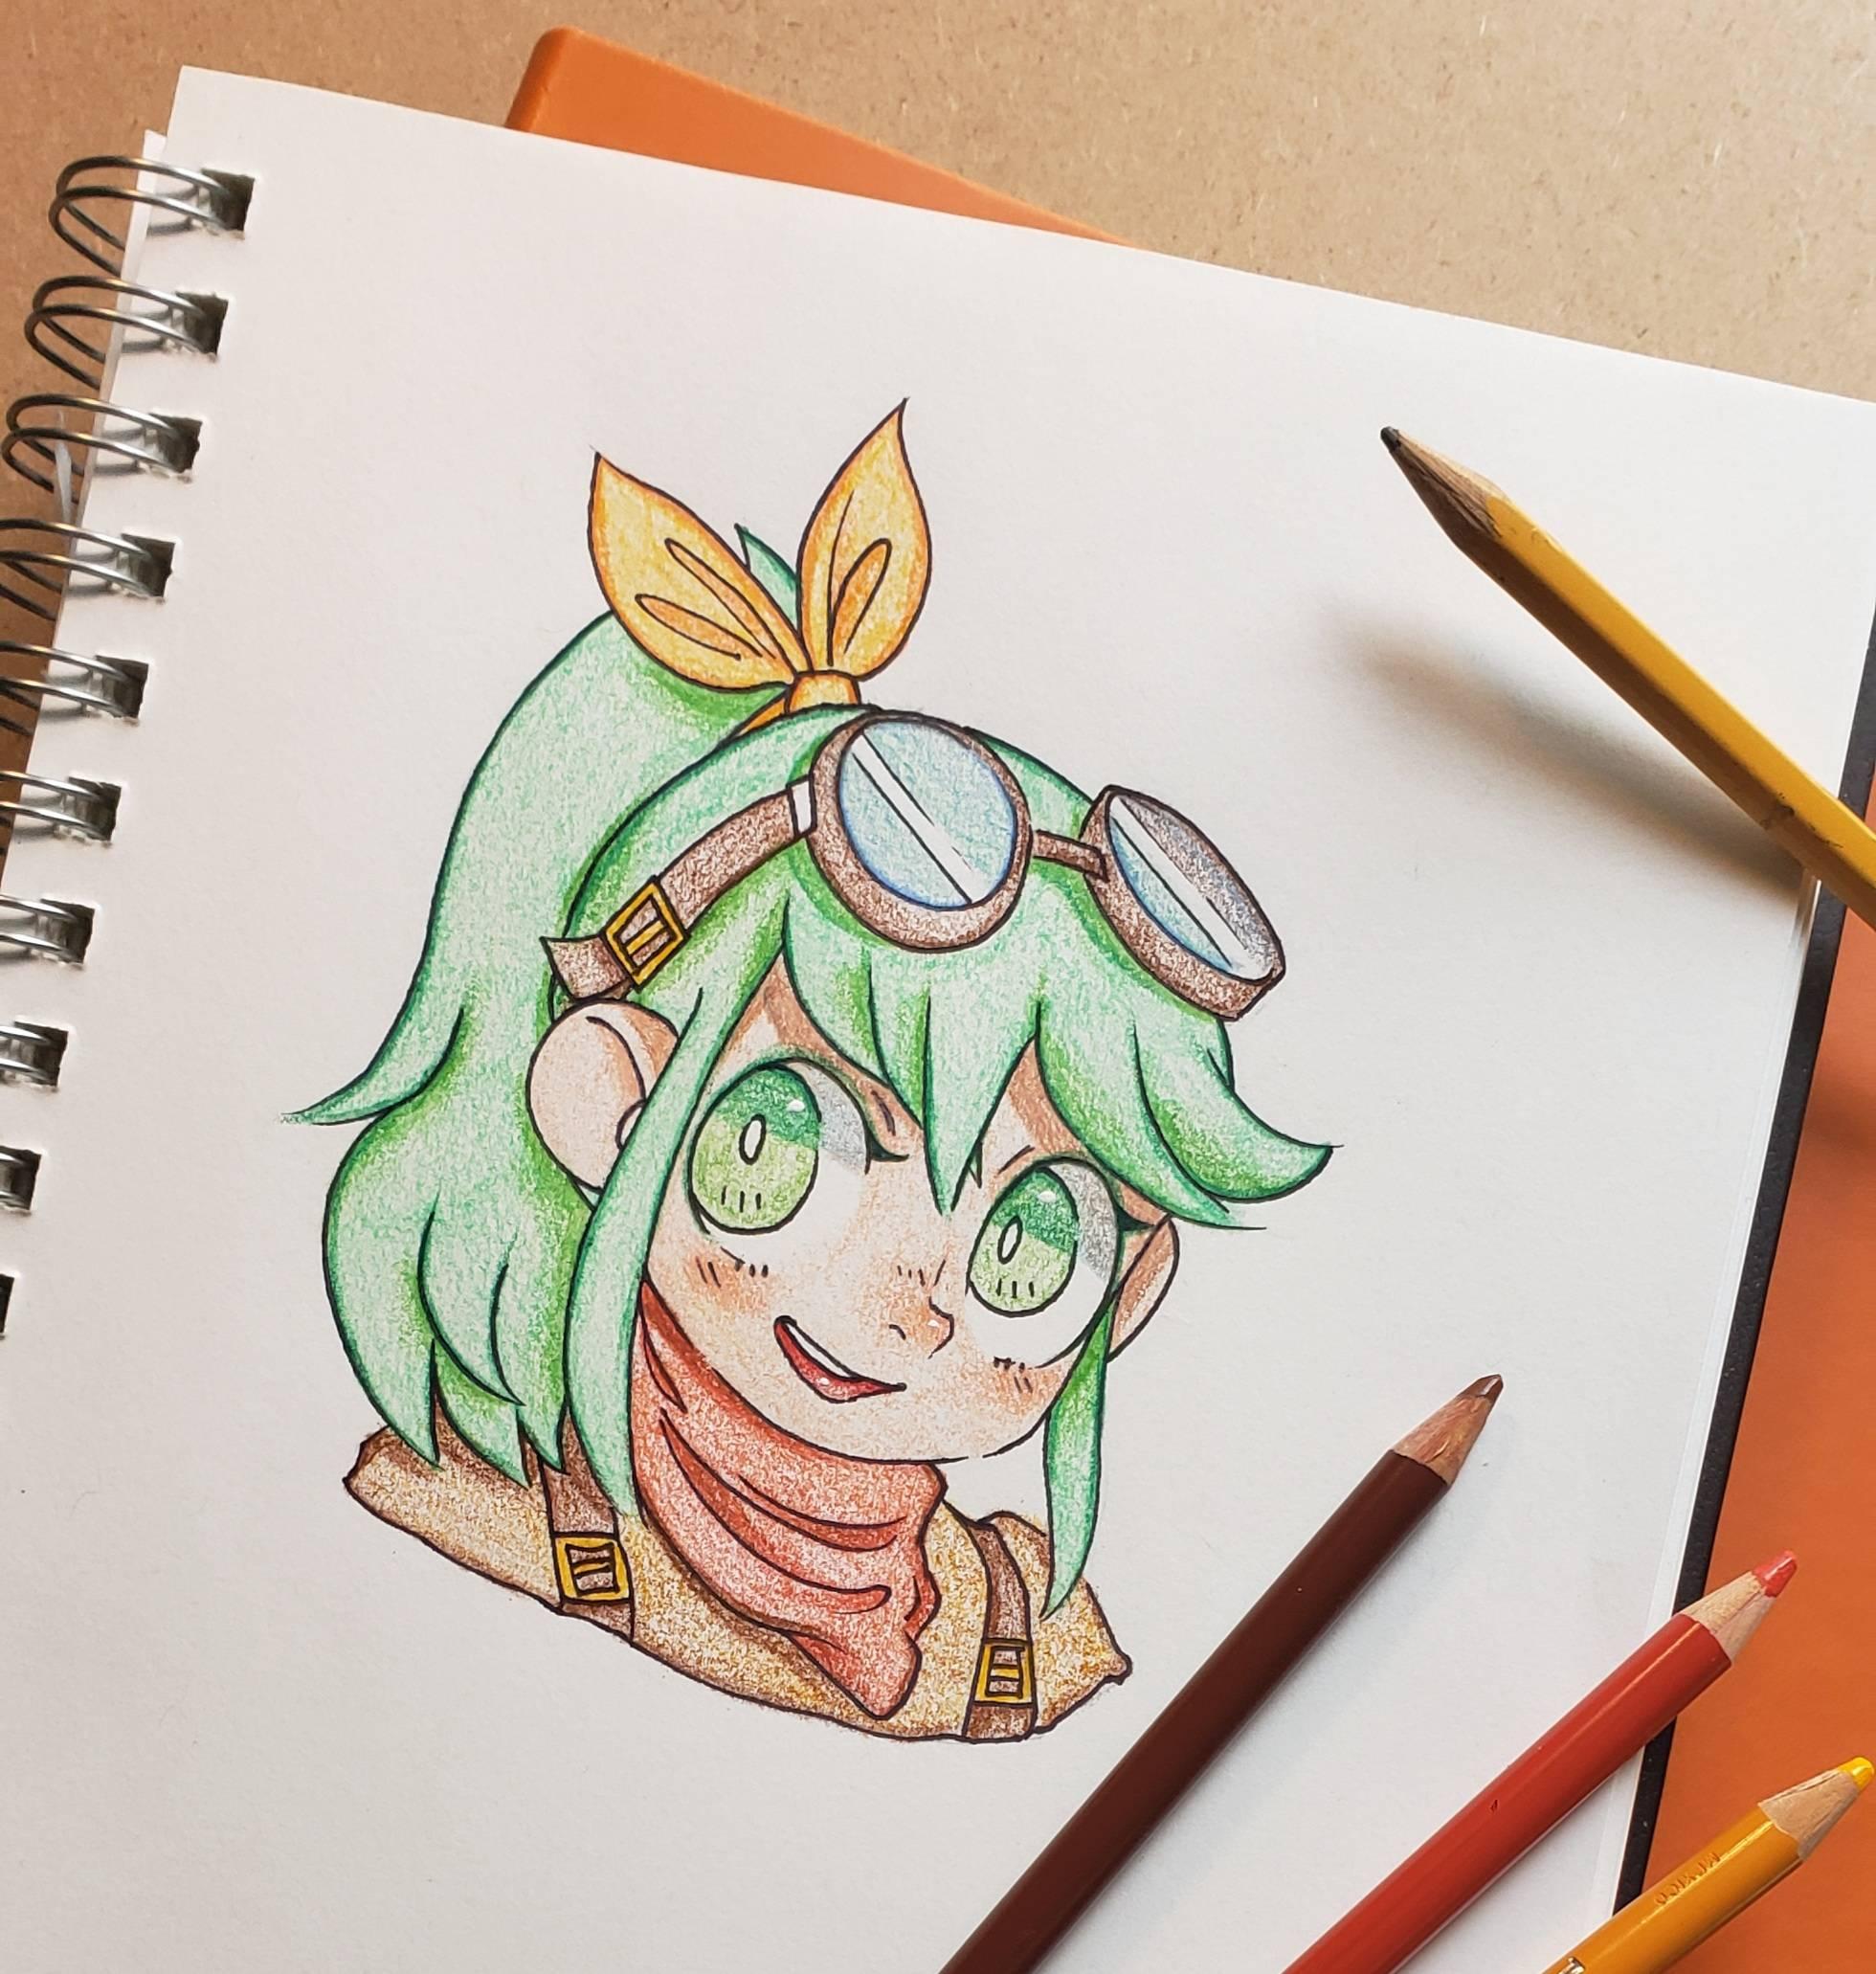 Cartooning Character